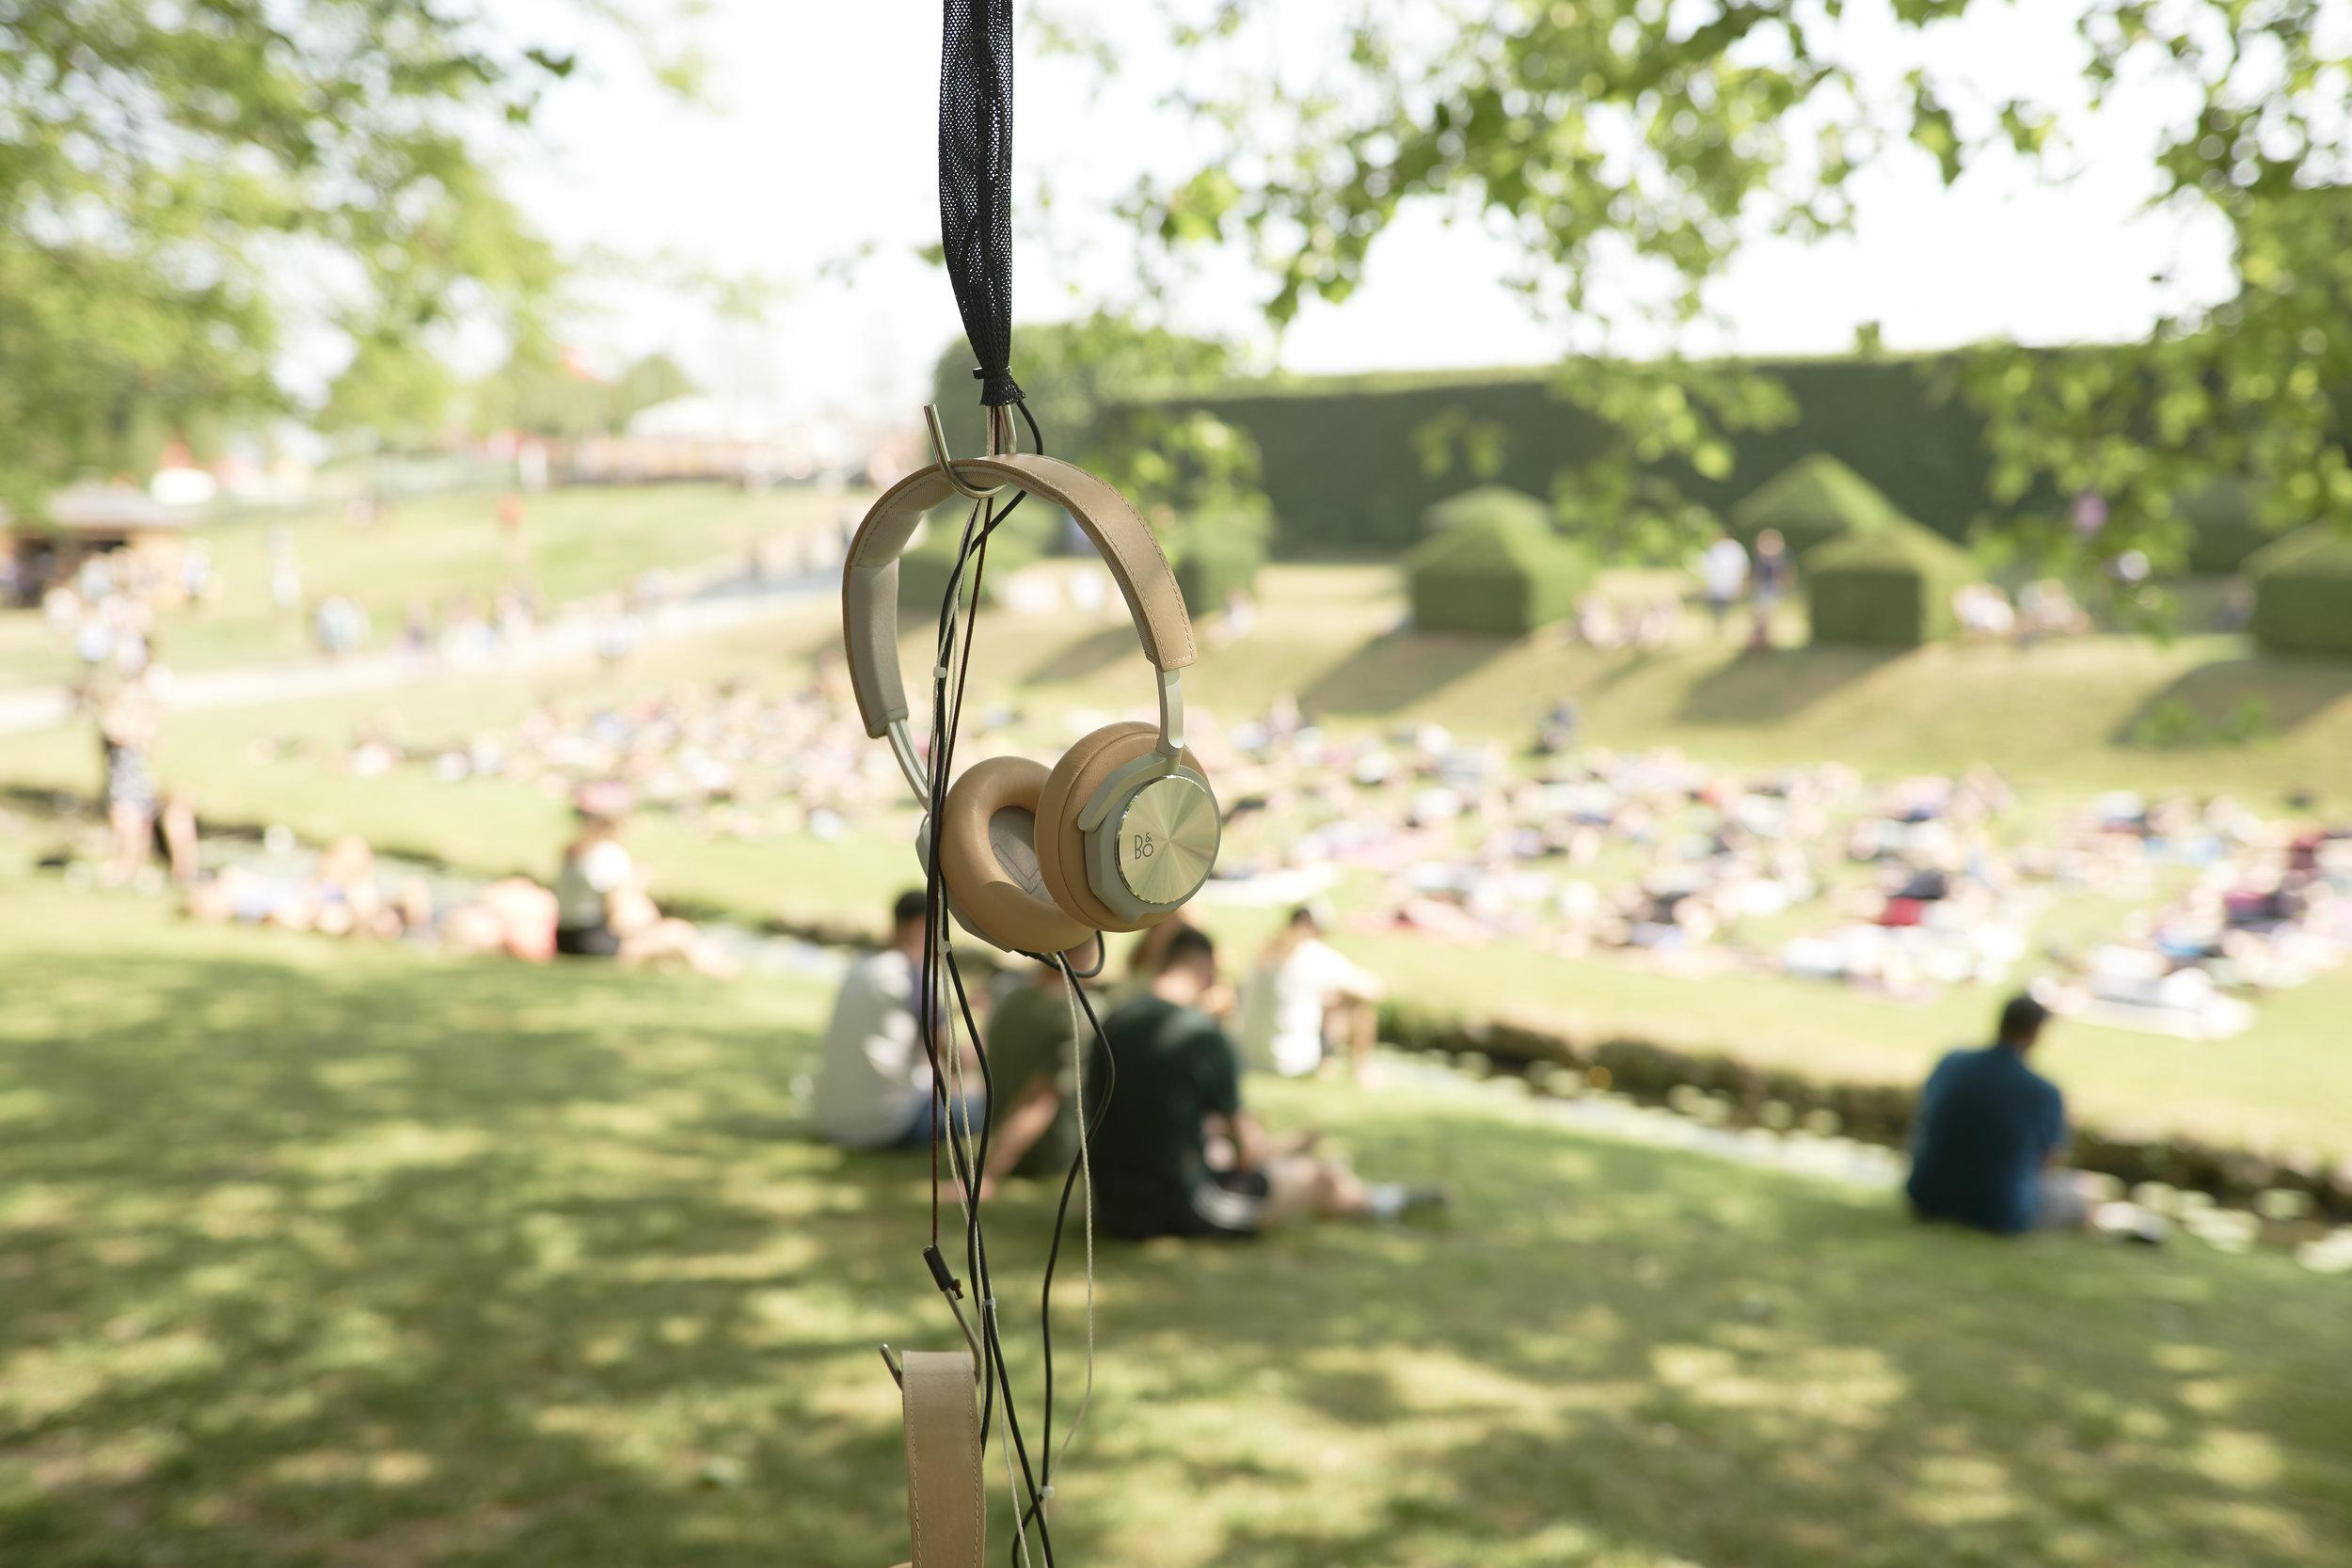 Sound Stage - Heartlands Sound Stage udforsker lydens verden. Hvordan lyder en god fortælling eller passion? Det kan man få svar på når Heartland i samarbejde med Bang & Olufsen præsenterer et kurateret udvalg af nogle af tidens mest spændende og inspirerende lydfortællinger. Under kronerne på det magiske træ på bakketoppen foran Egeskov Slot kan du sætte dig til rette, tag et par hovedtelefoner og opdag nye lyduniverser fra ind- og udland.